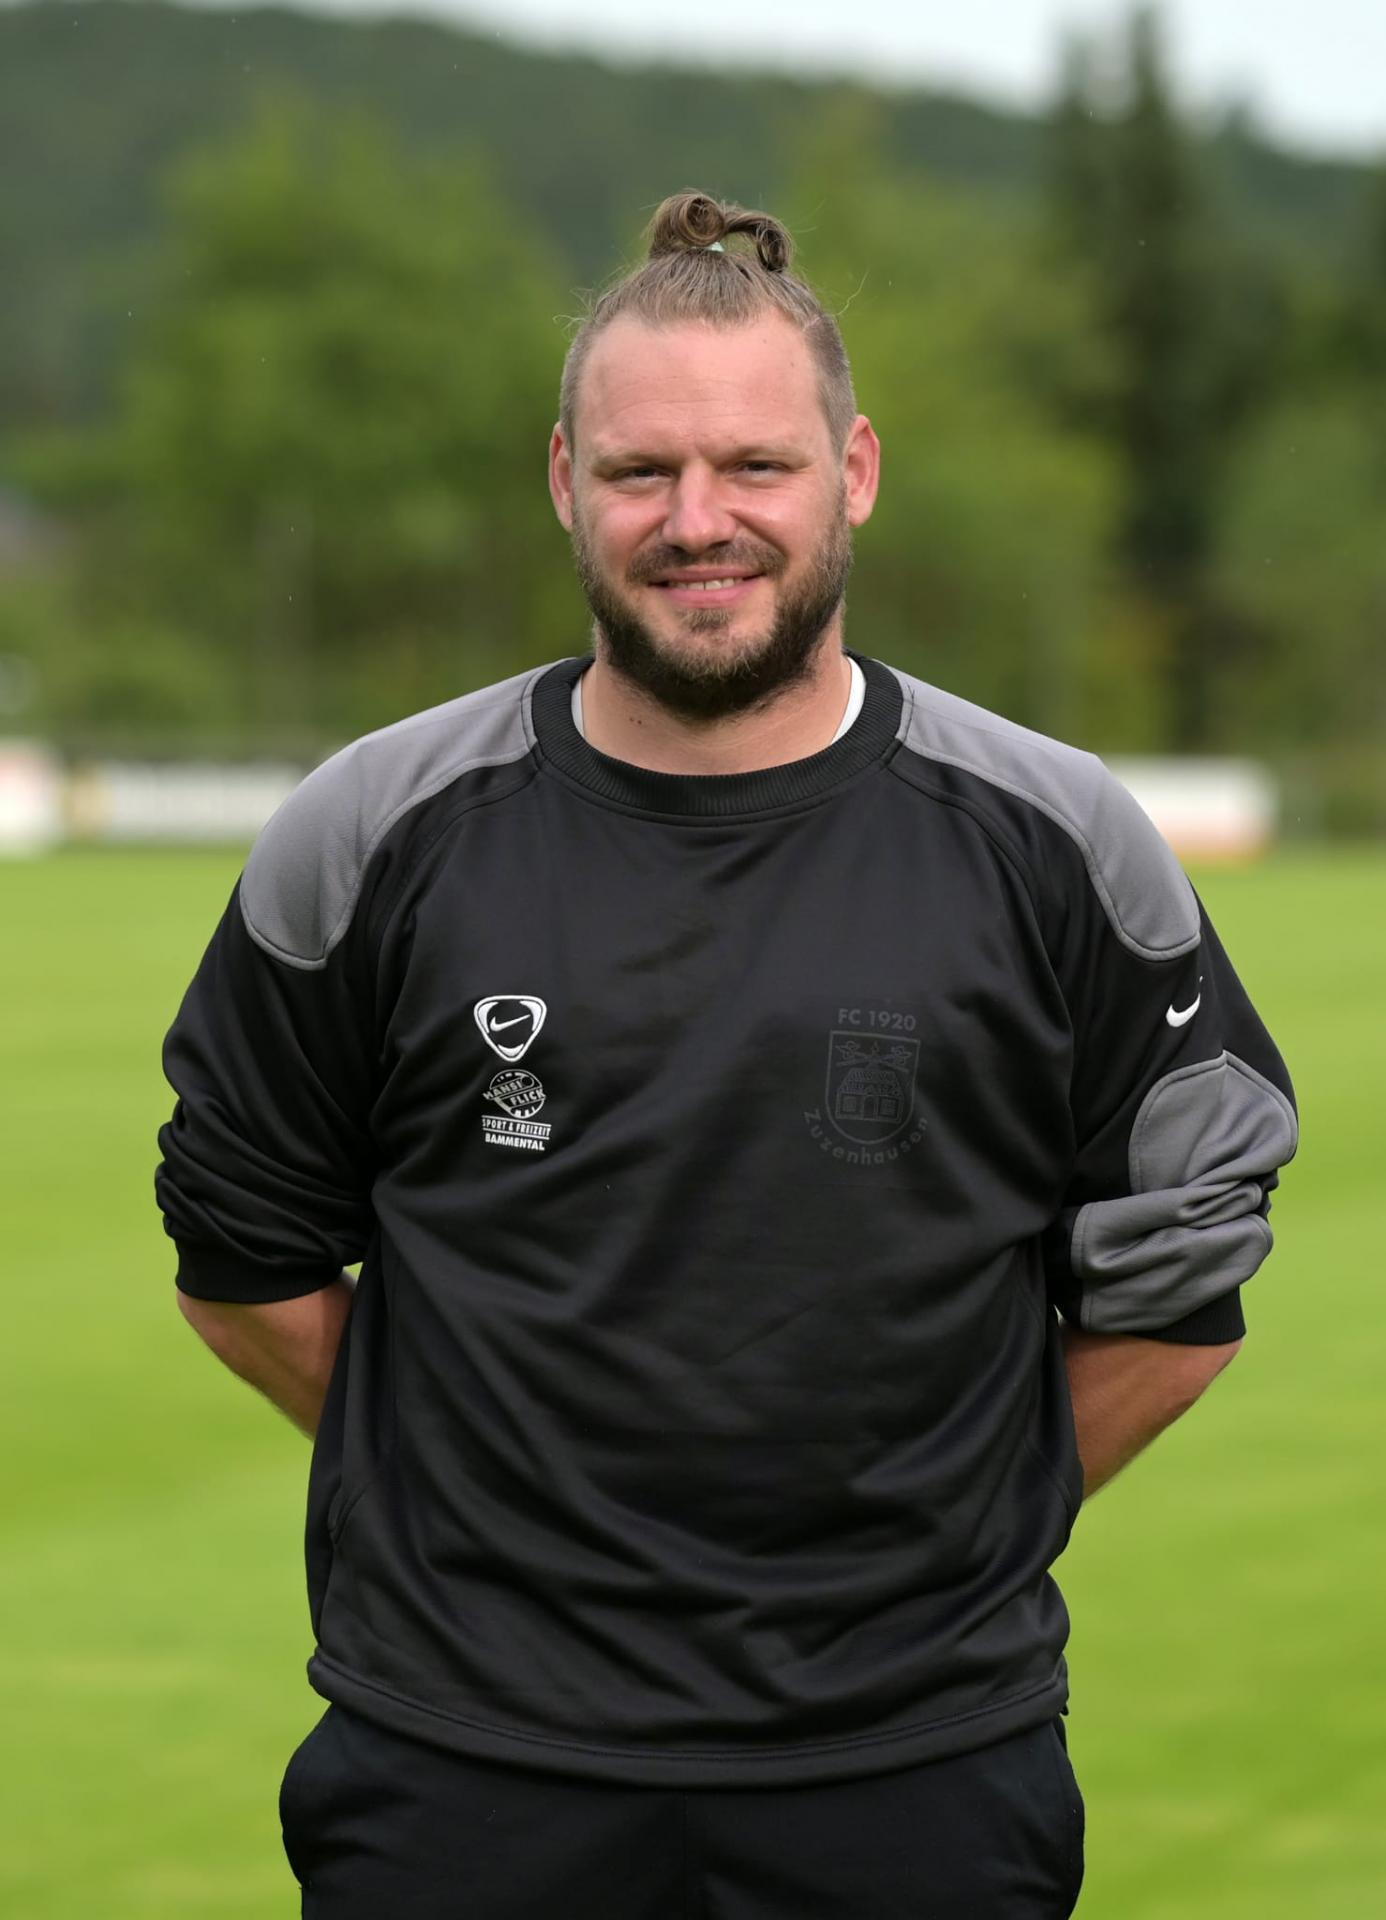 Christoph Münster